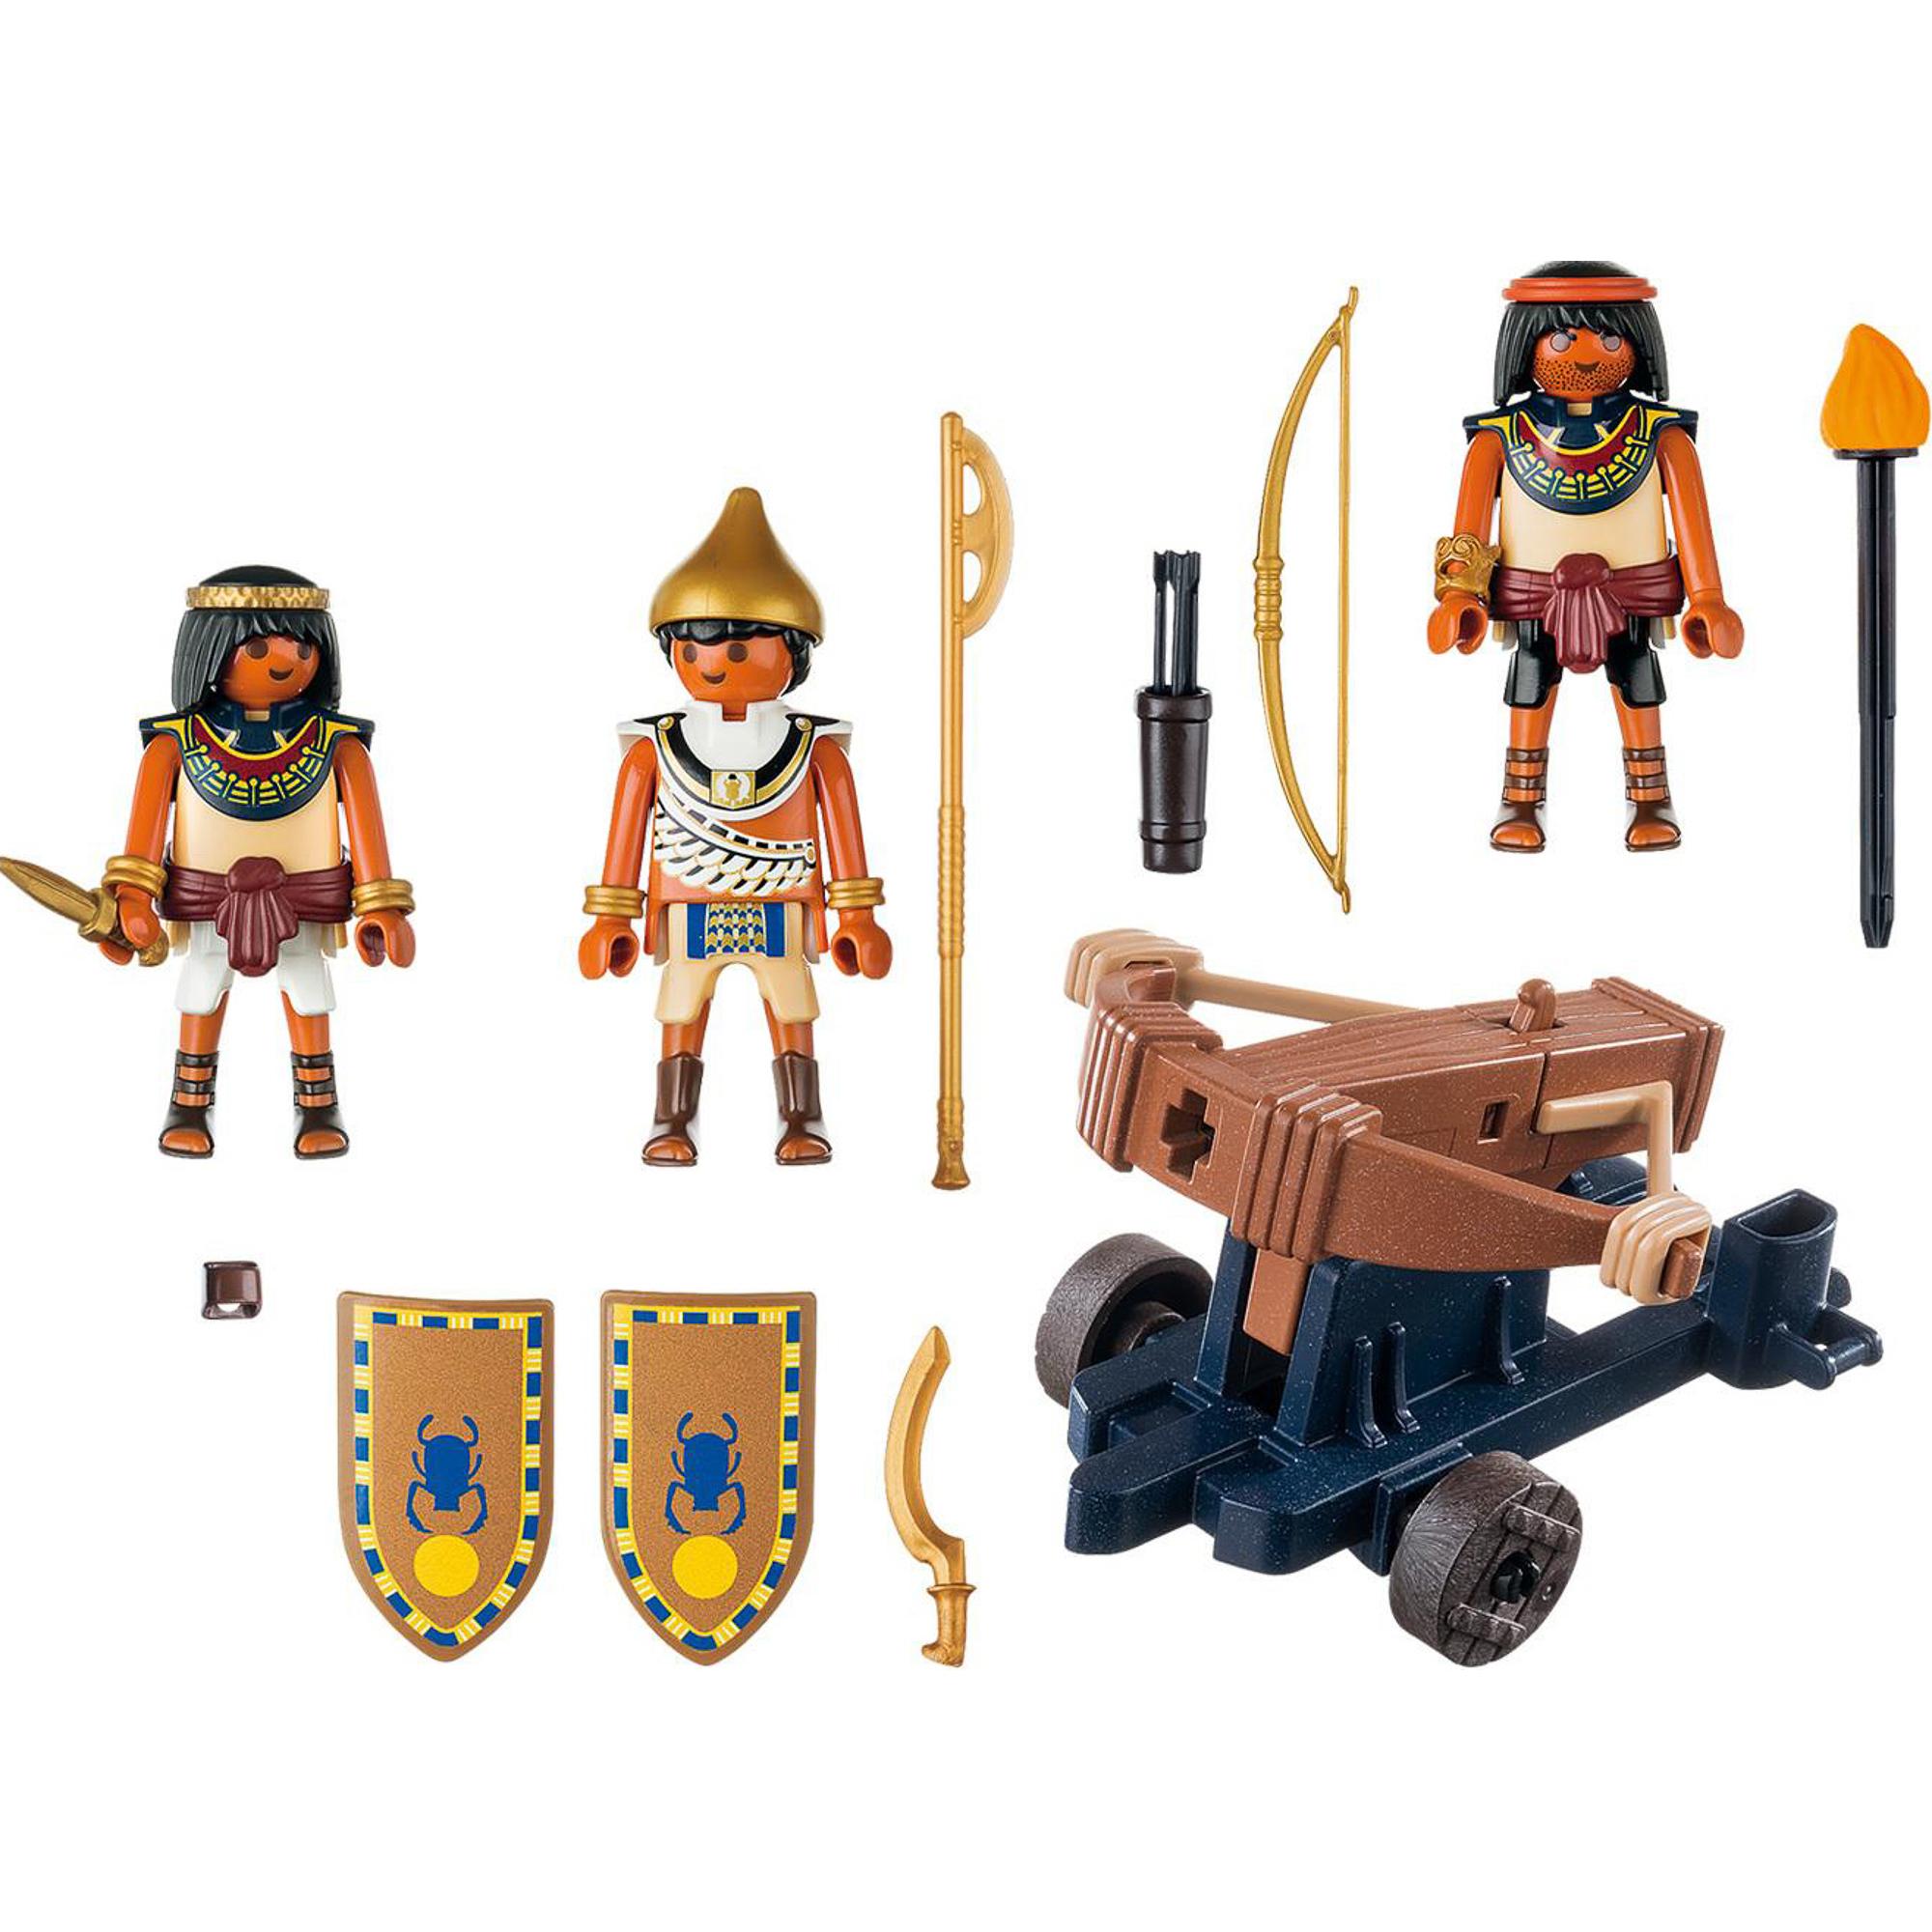 Фото - Игровой набор Playmobil Египетский солдат с Баллистой playmobil игровой набор фермер с домашними животными